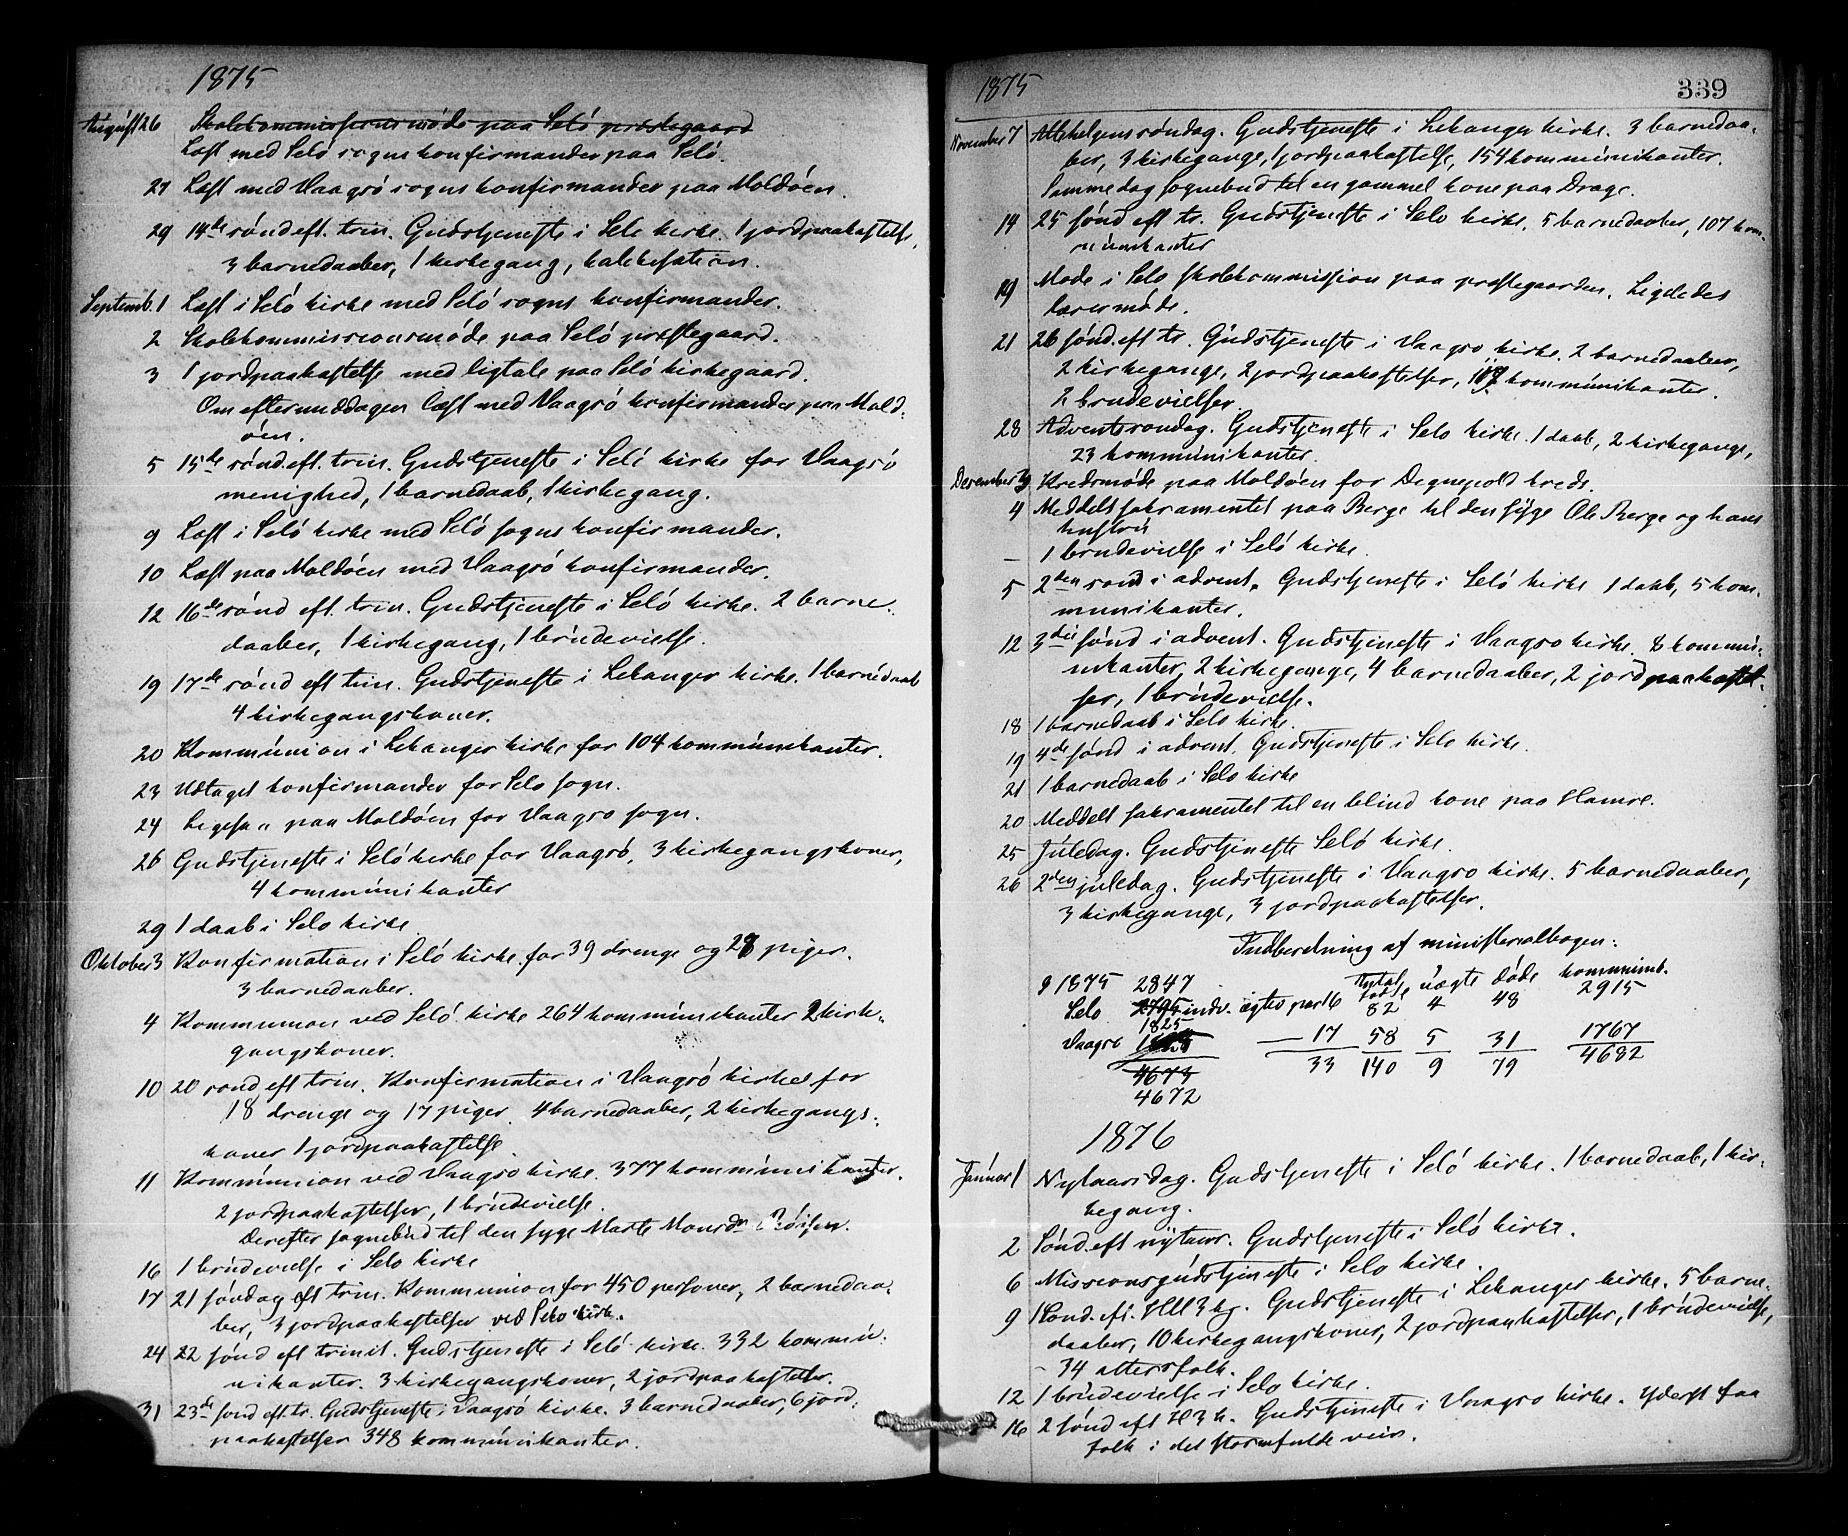 SAB, Selje sokneprestembete*, Ministerialbok nr. A 12, 1870-1880, s. 339